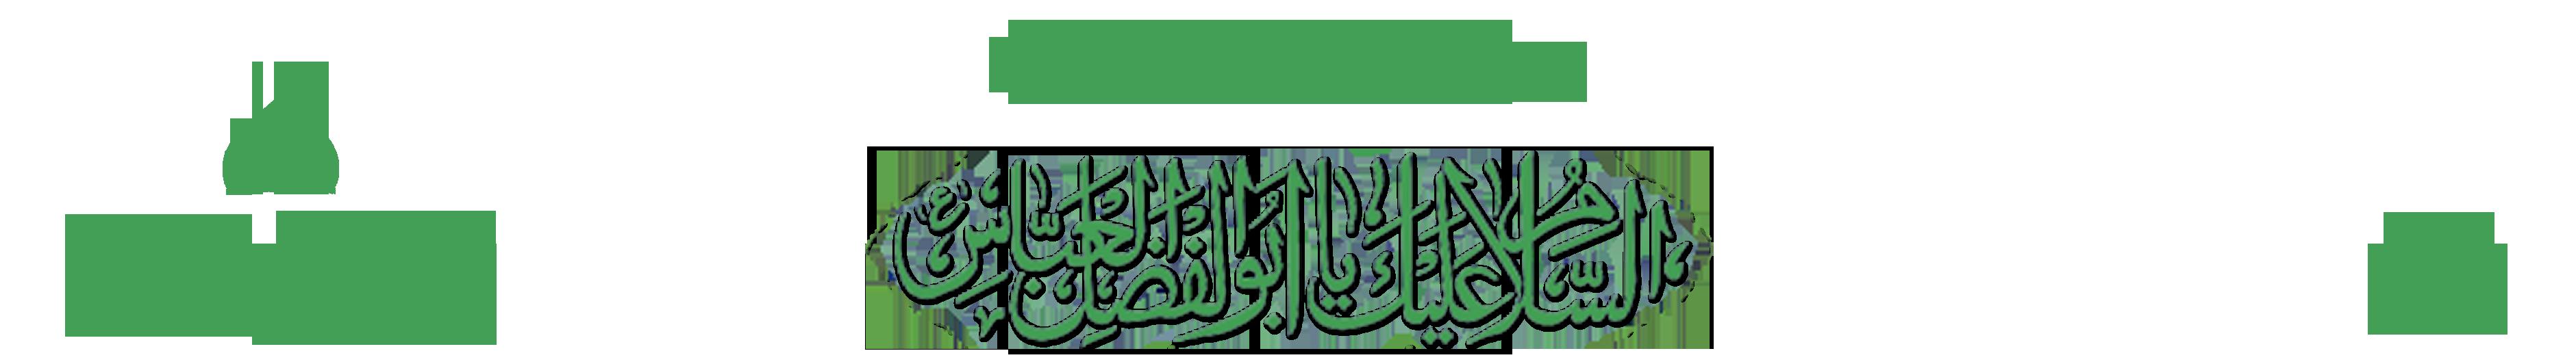 Dar-e 'Abbas